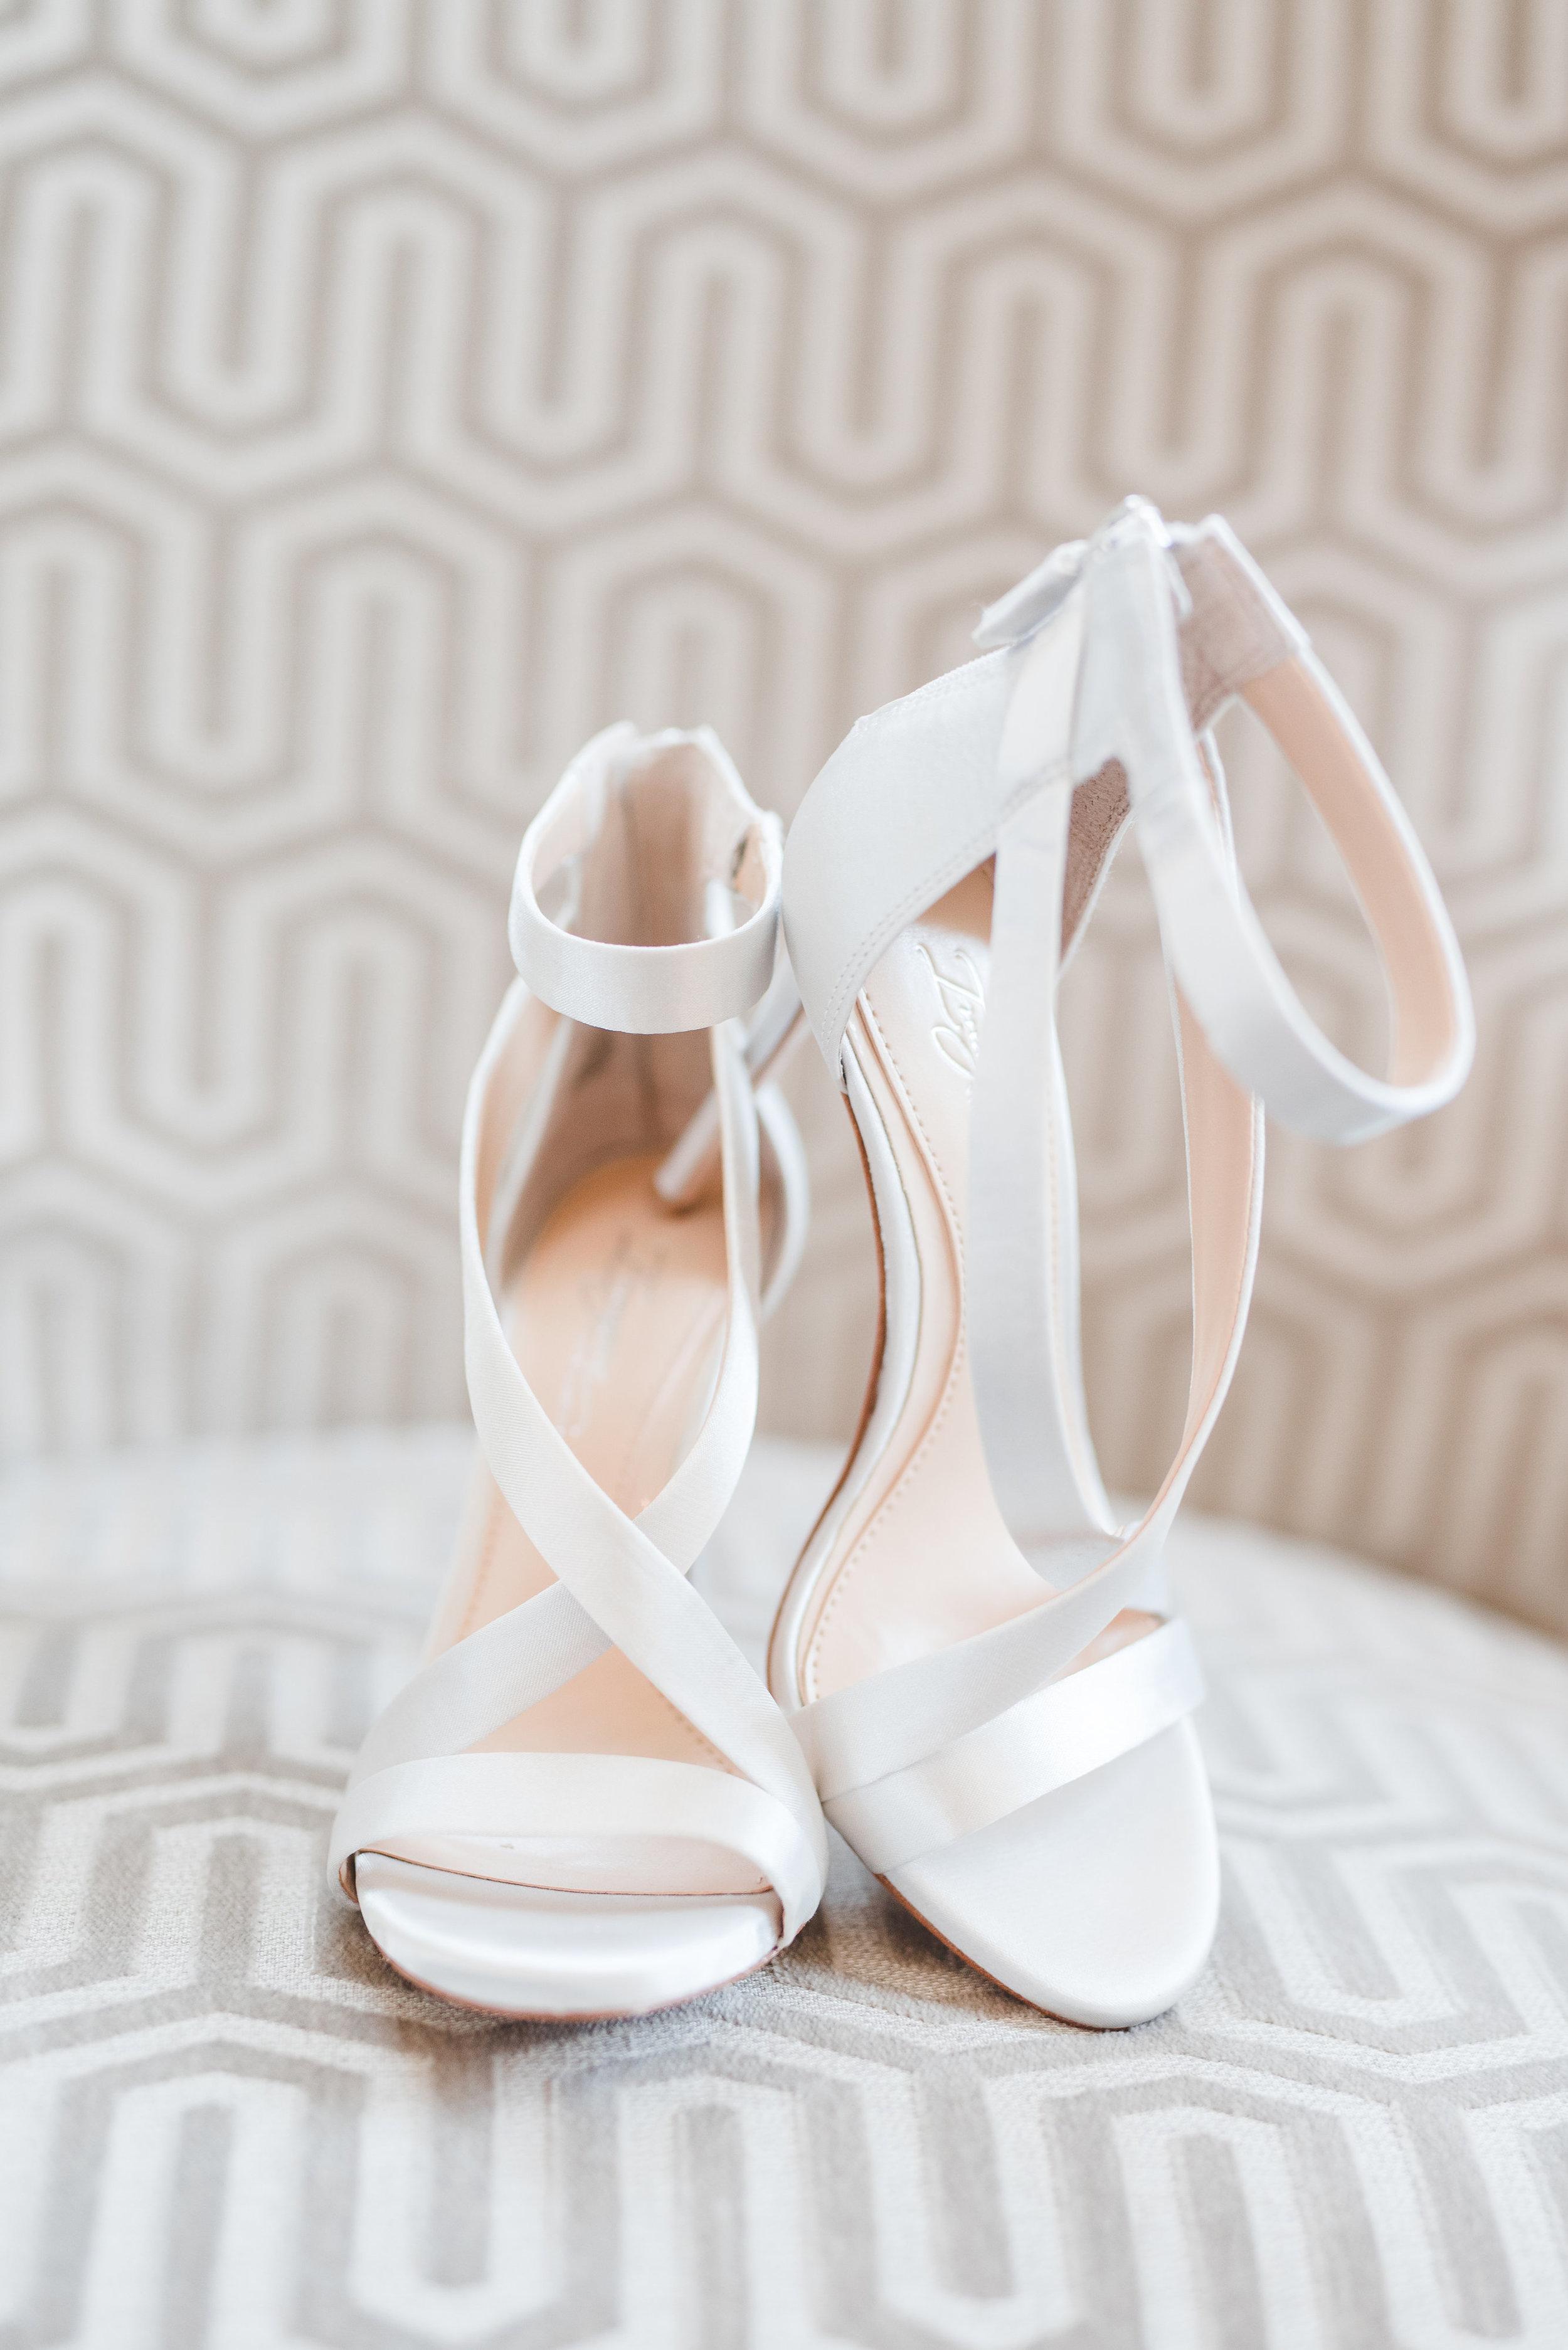 strappy white wedding shoe inspiration